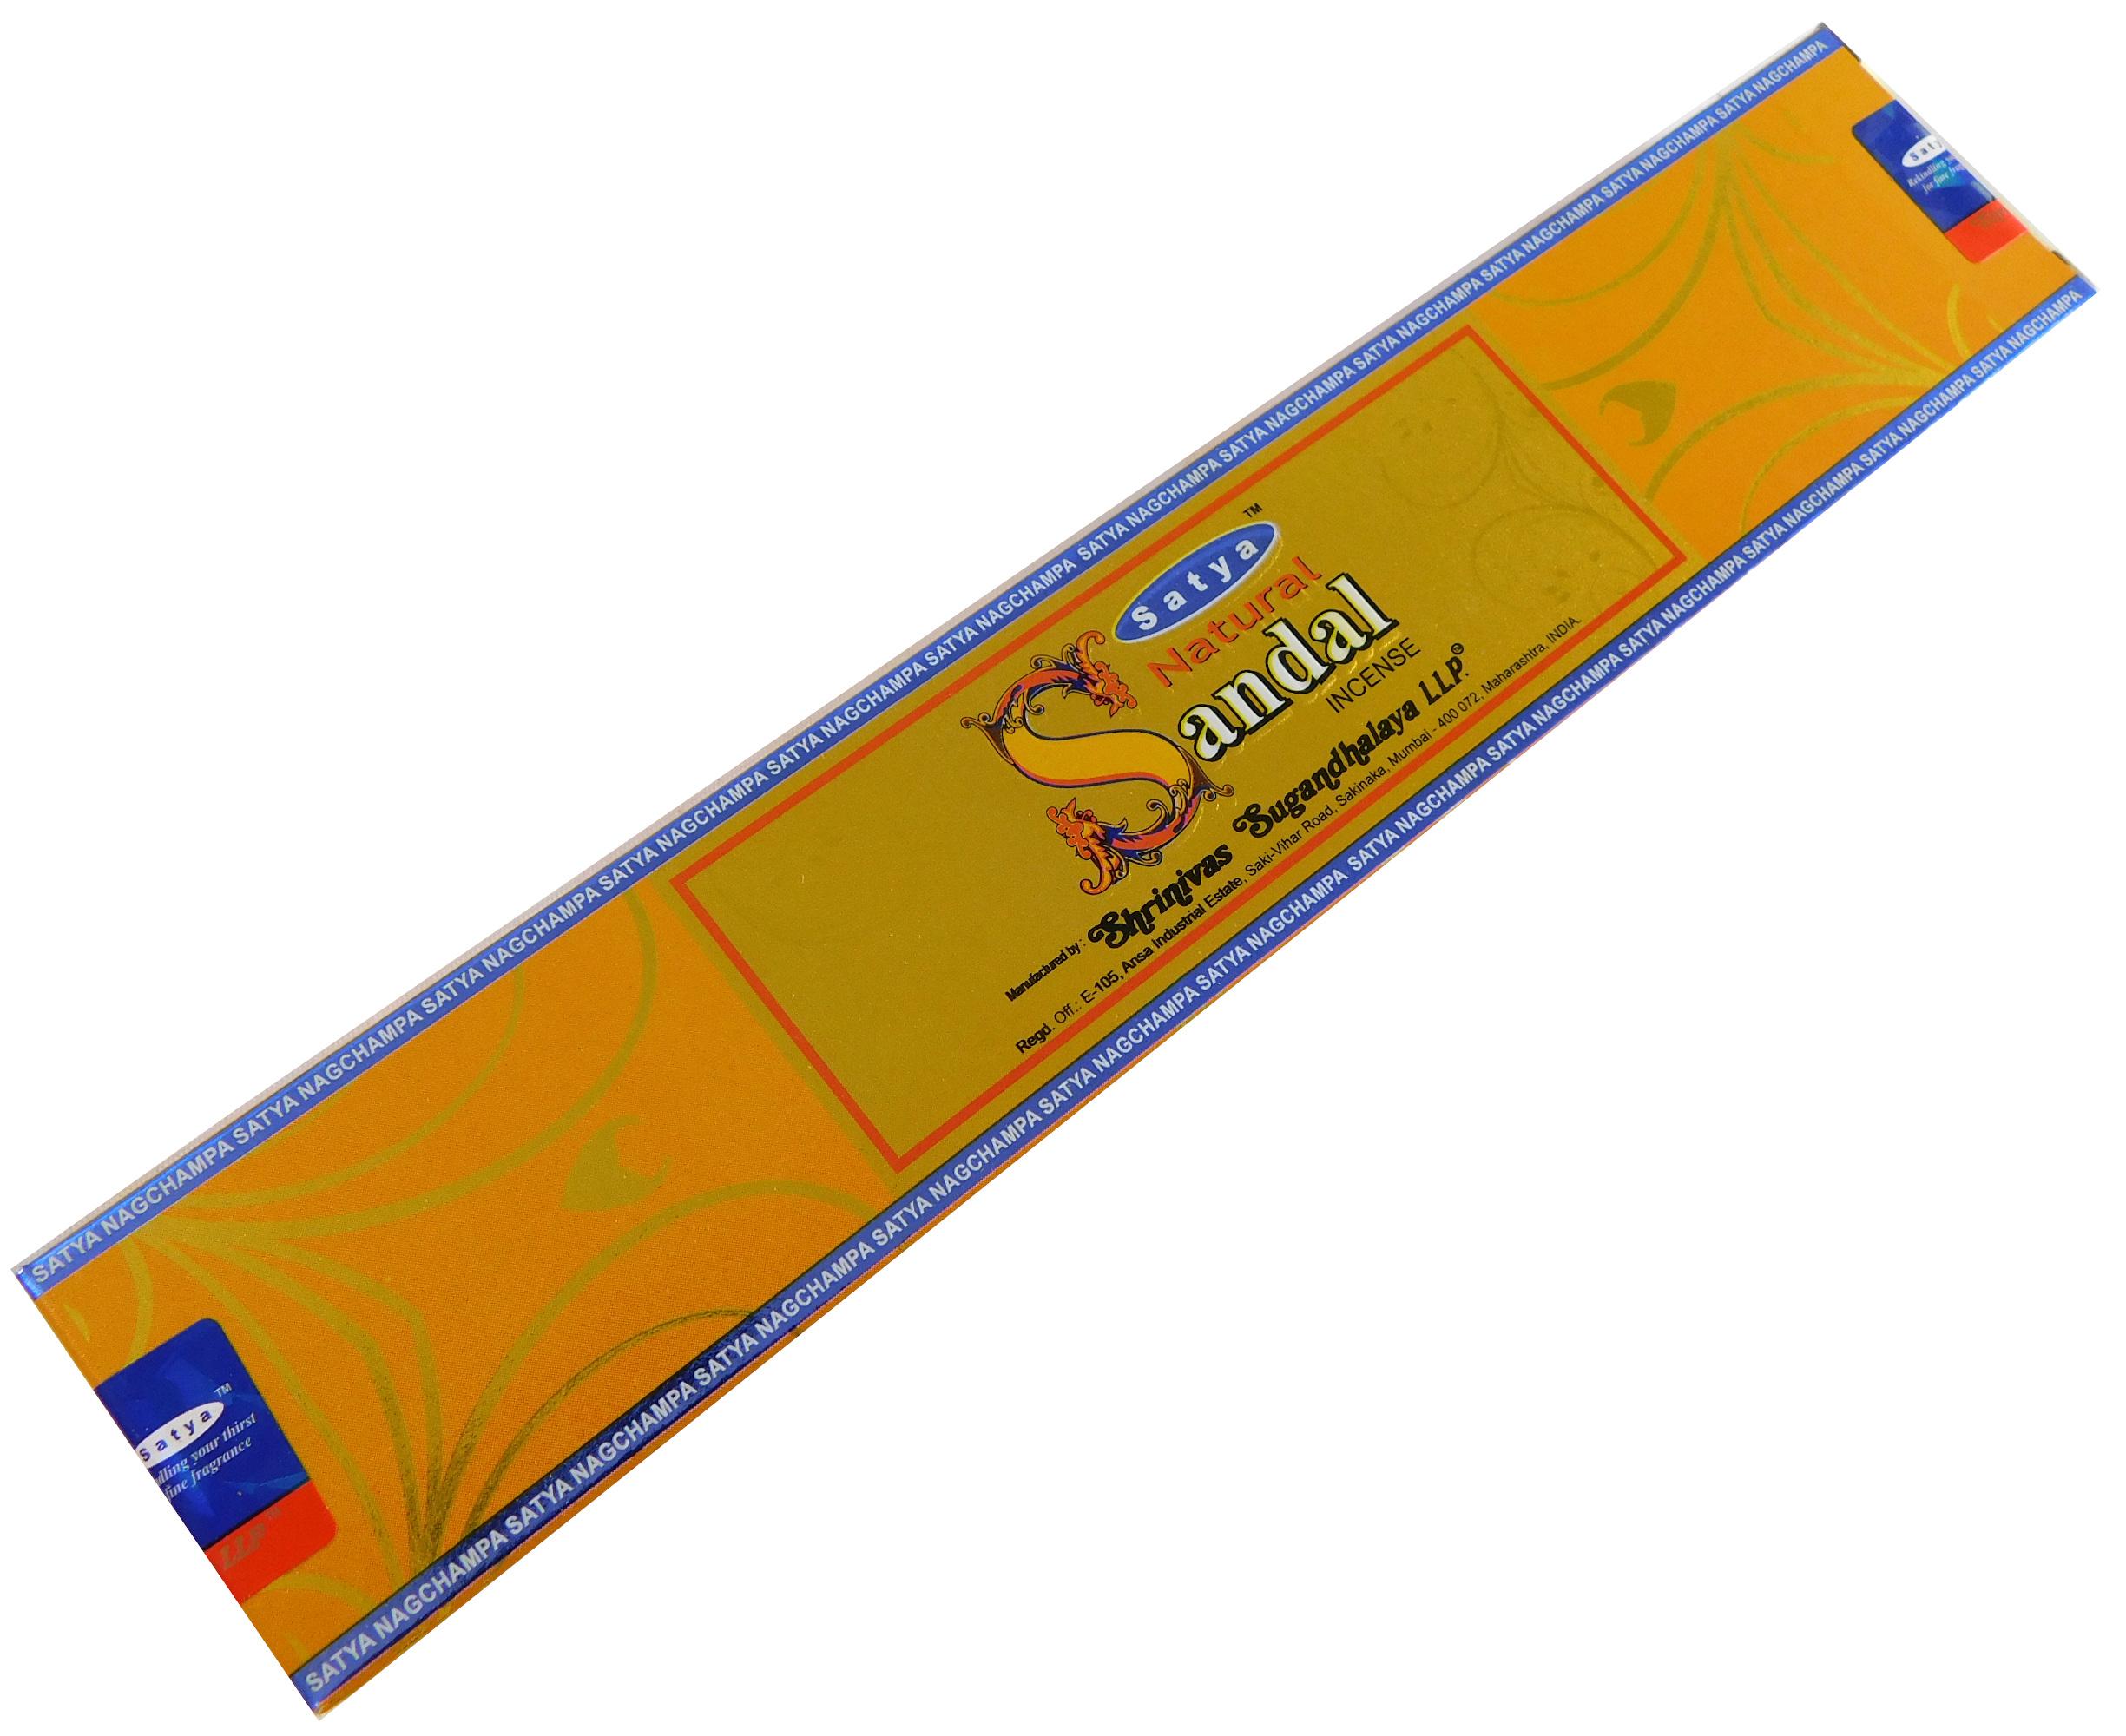 Räucherstäbchen Natural Sandal von Satya 15g Packung. Ca. 15 Incence Sticks